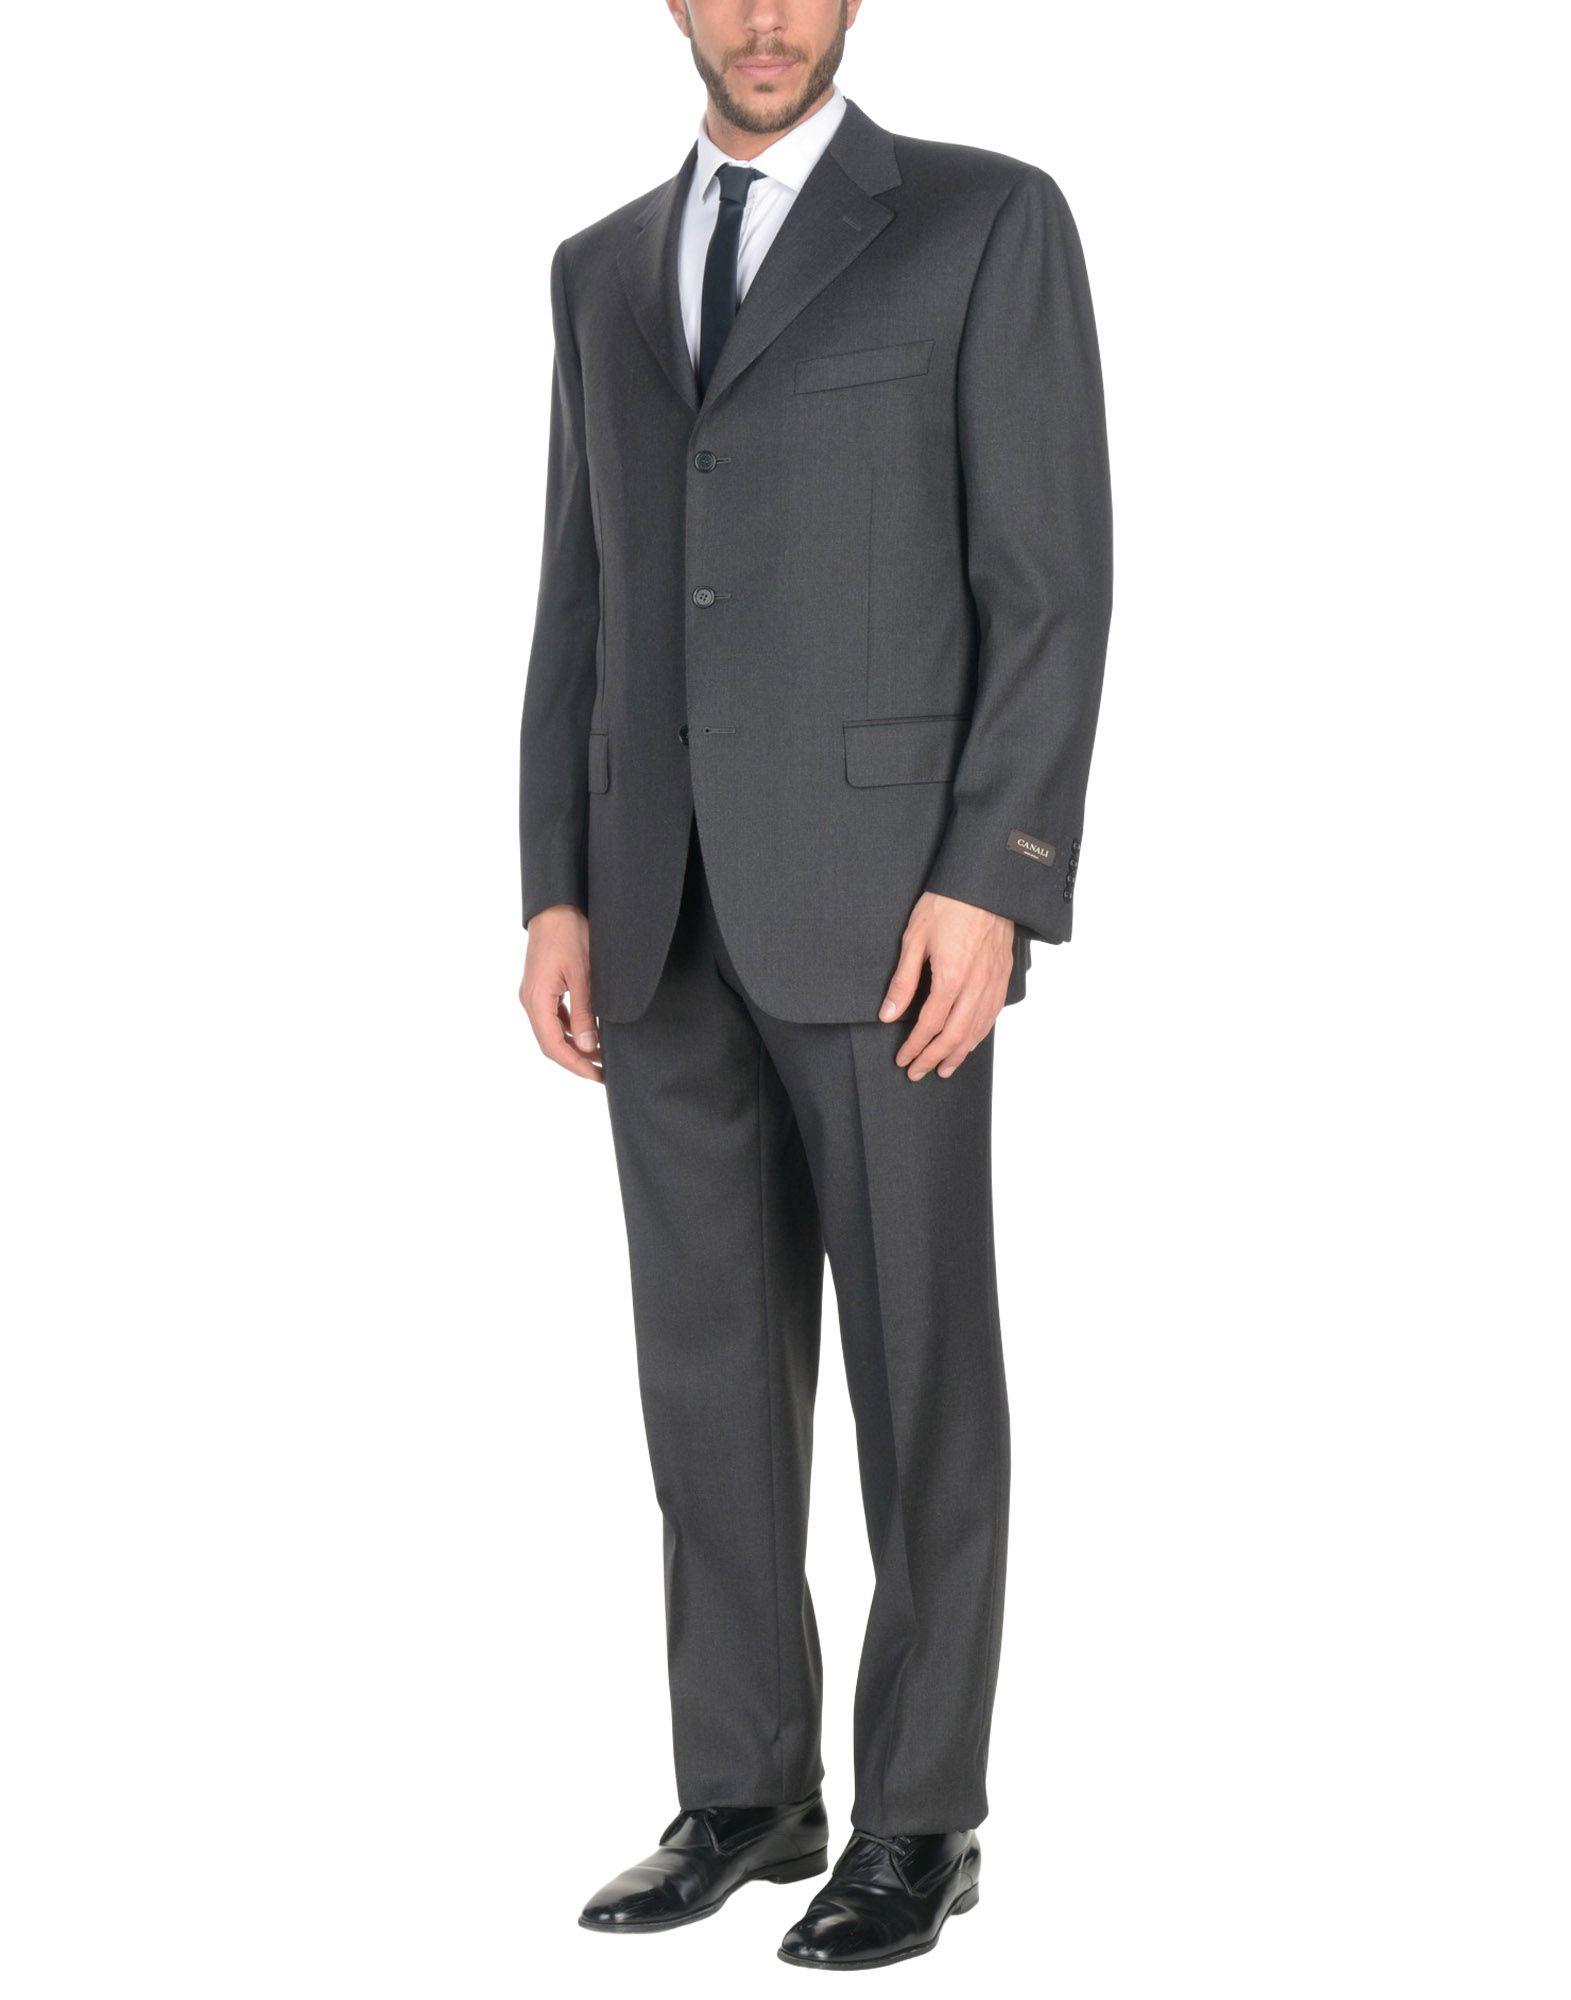 《送料無料》CANALI メンズ スーツ スチールグレー 46 バージンウール